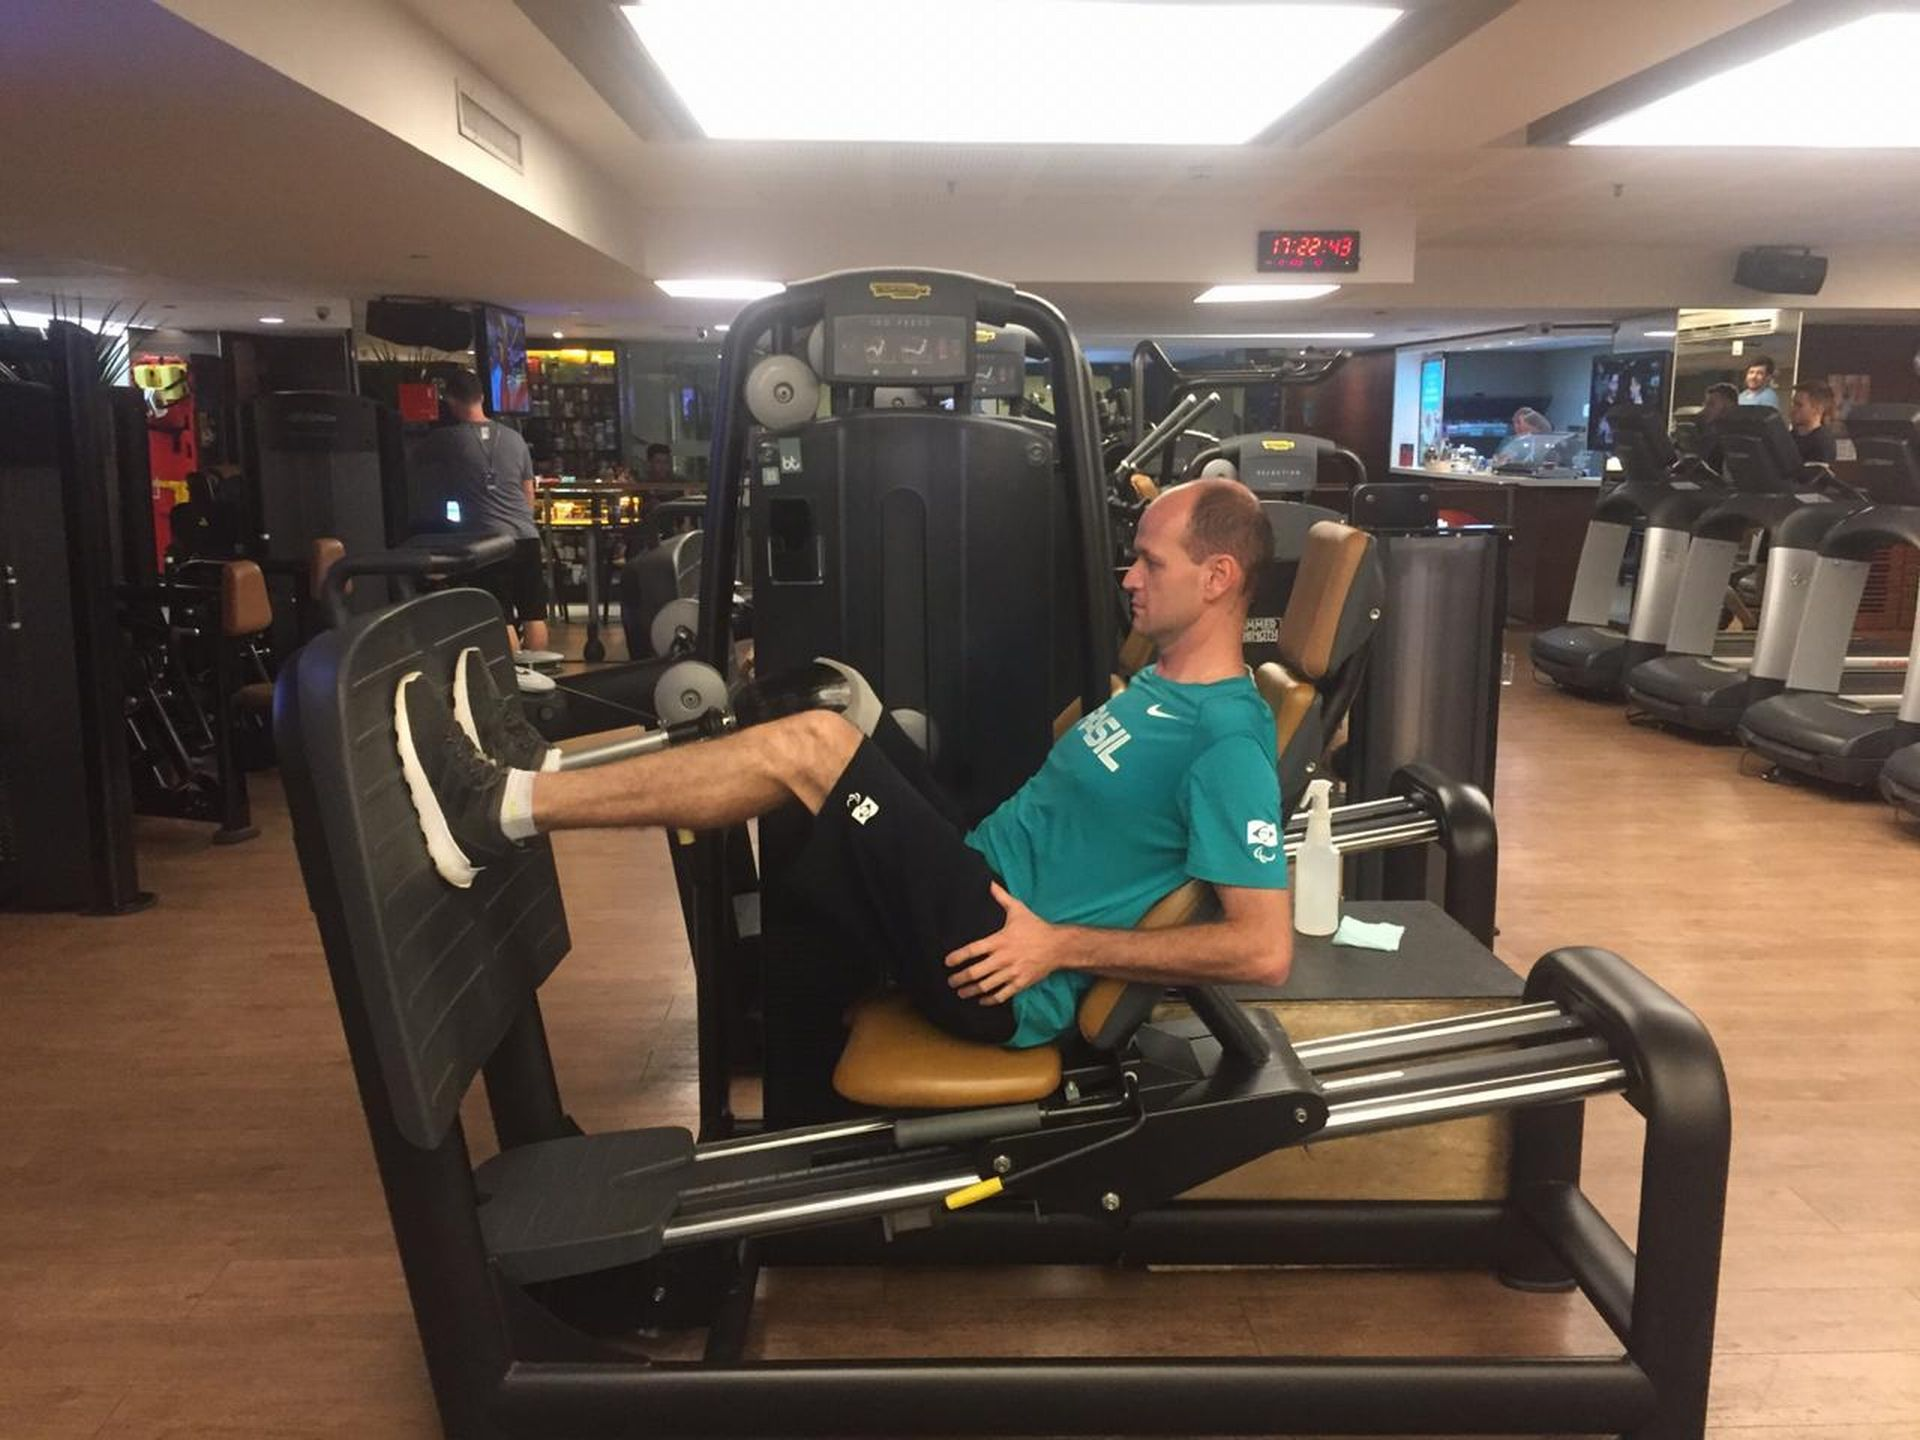 Com receio de exercícios com a perna, Daniel demorou até usar aparelhos como o leg press Foto: Amanda Milléo / Gazeta do Povo.